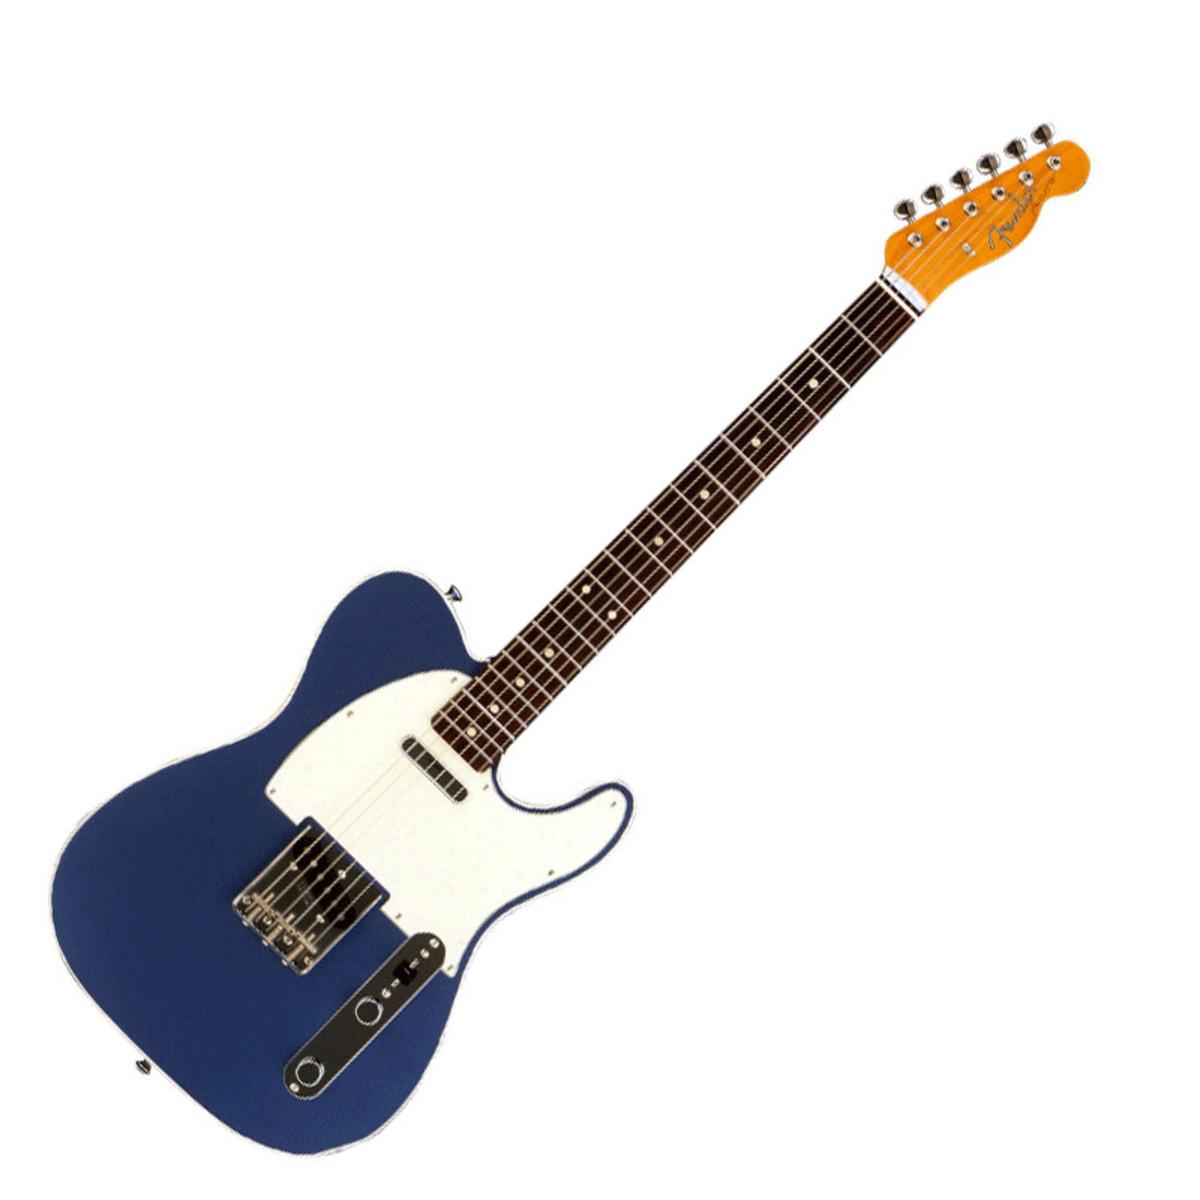 fender fsr 62 telecaster electric guitar lake placid blue at. Black Bedroom Furniture Sets. Home Design Ideas